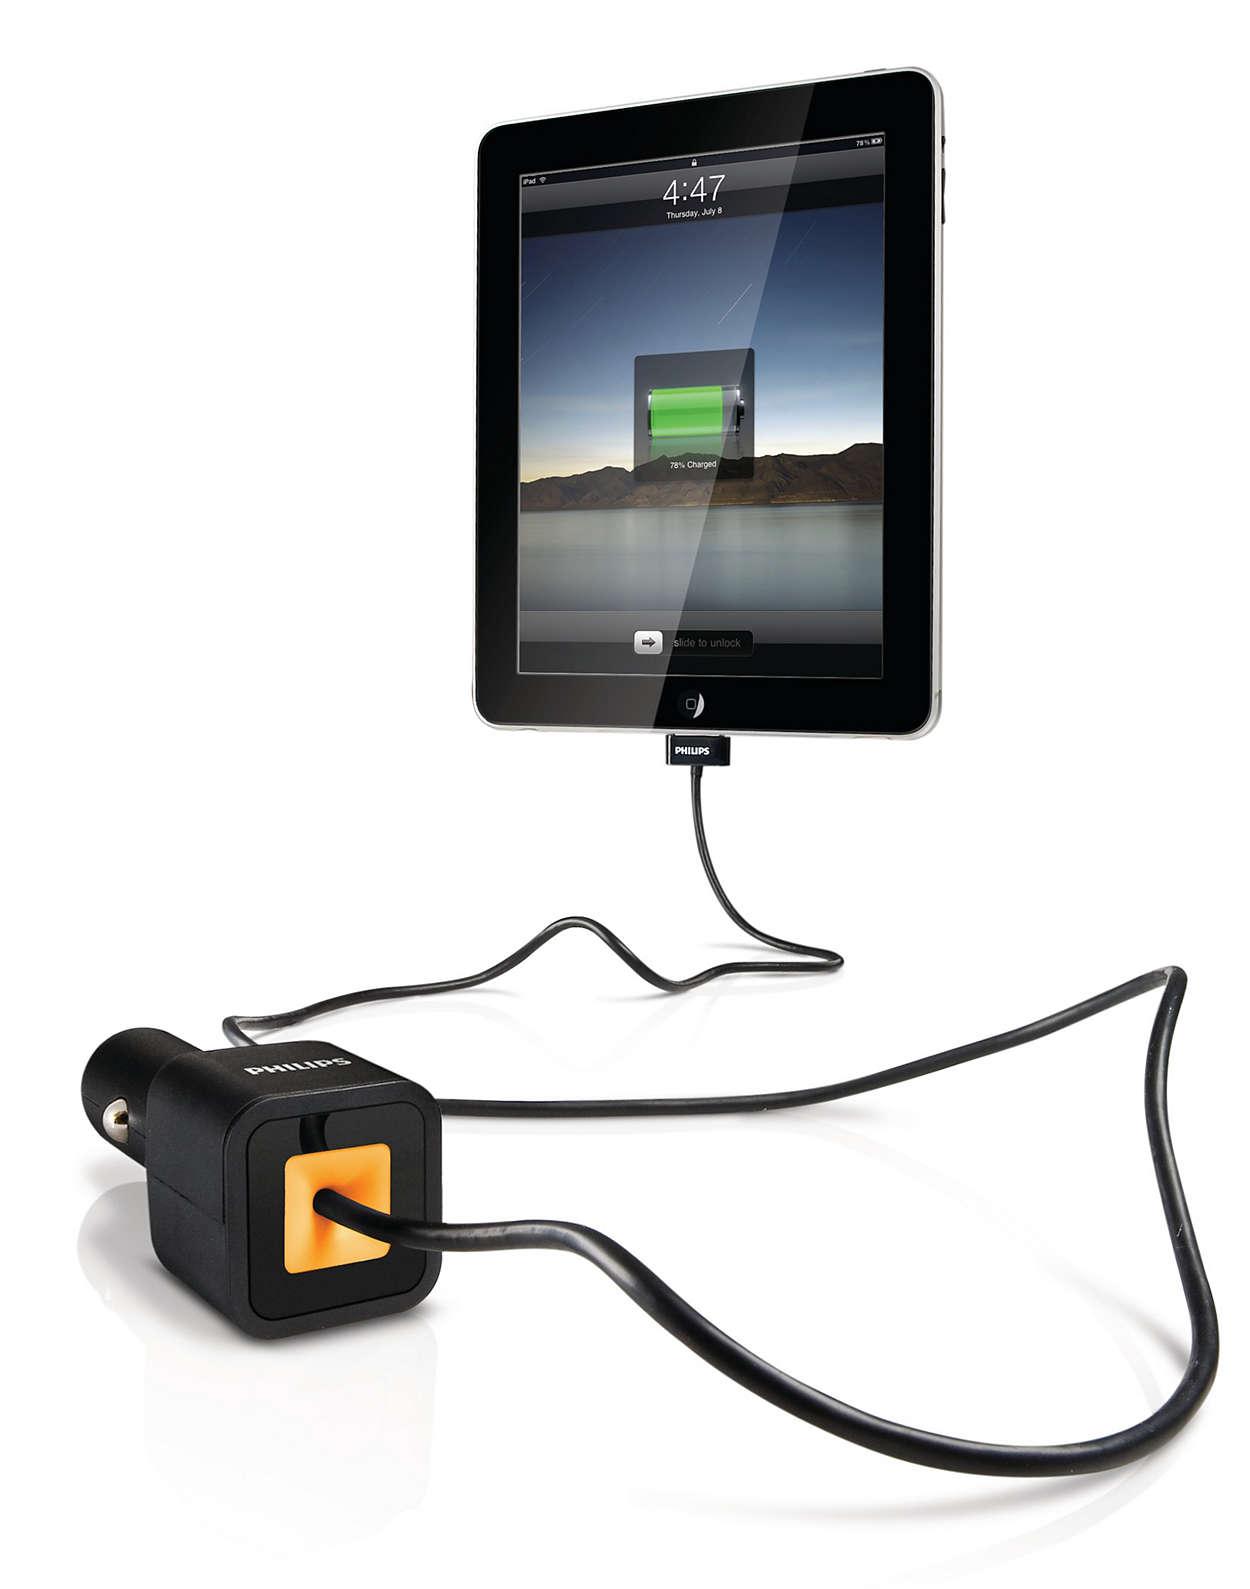 Sạc iPad, iPhone hoặc iPod trong ô tô